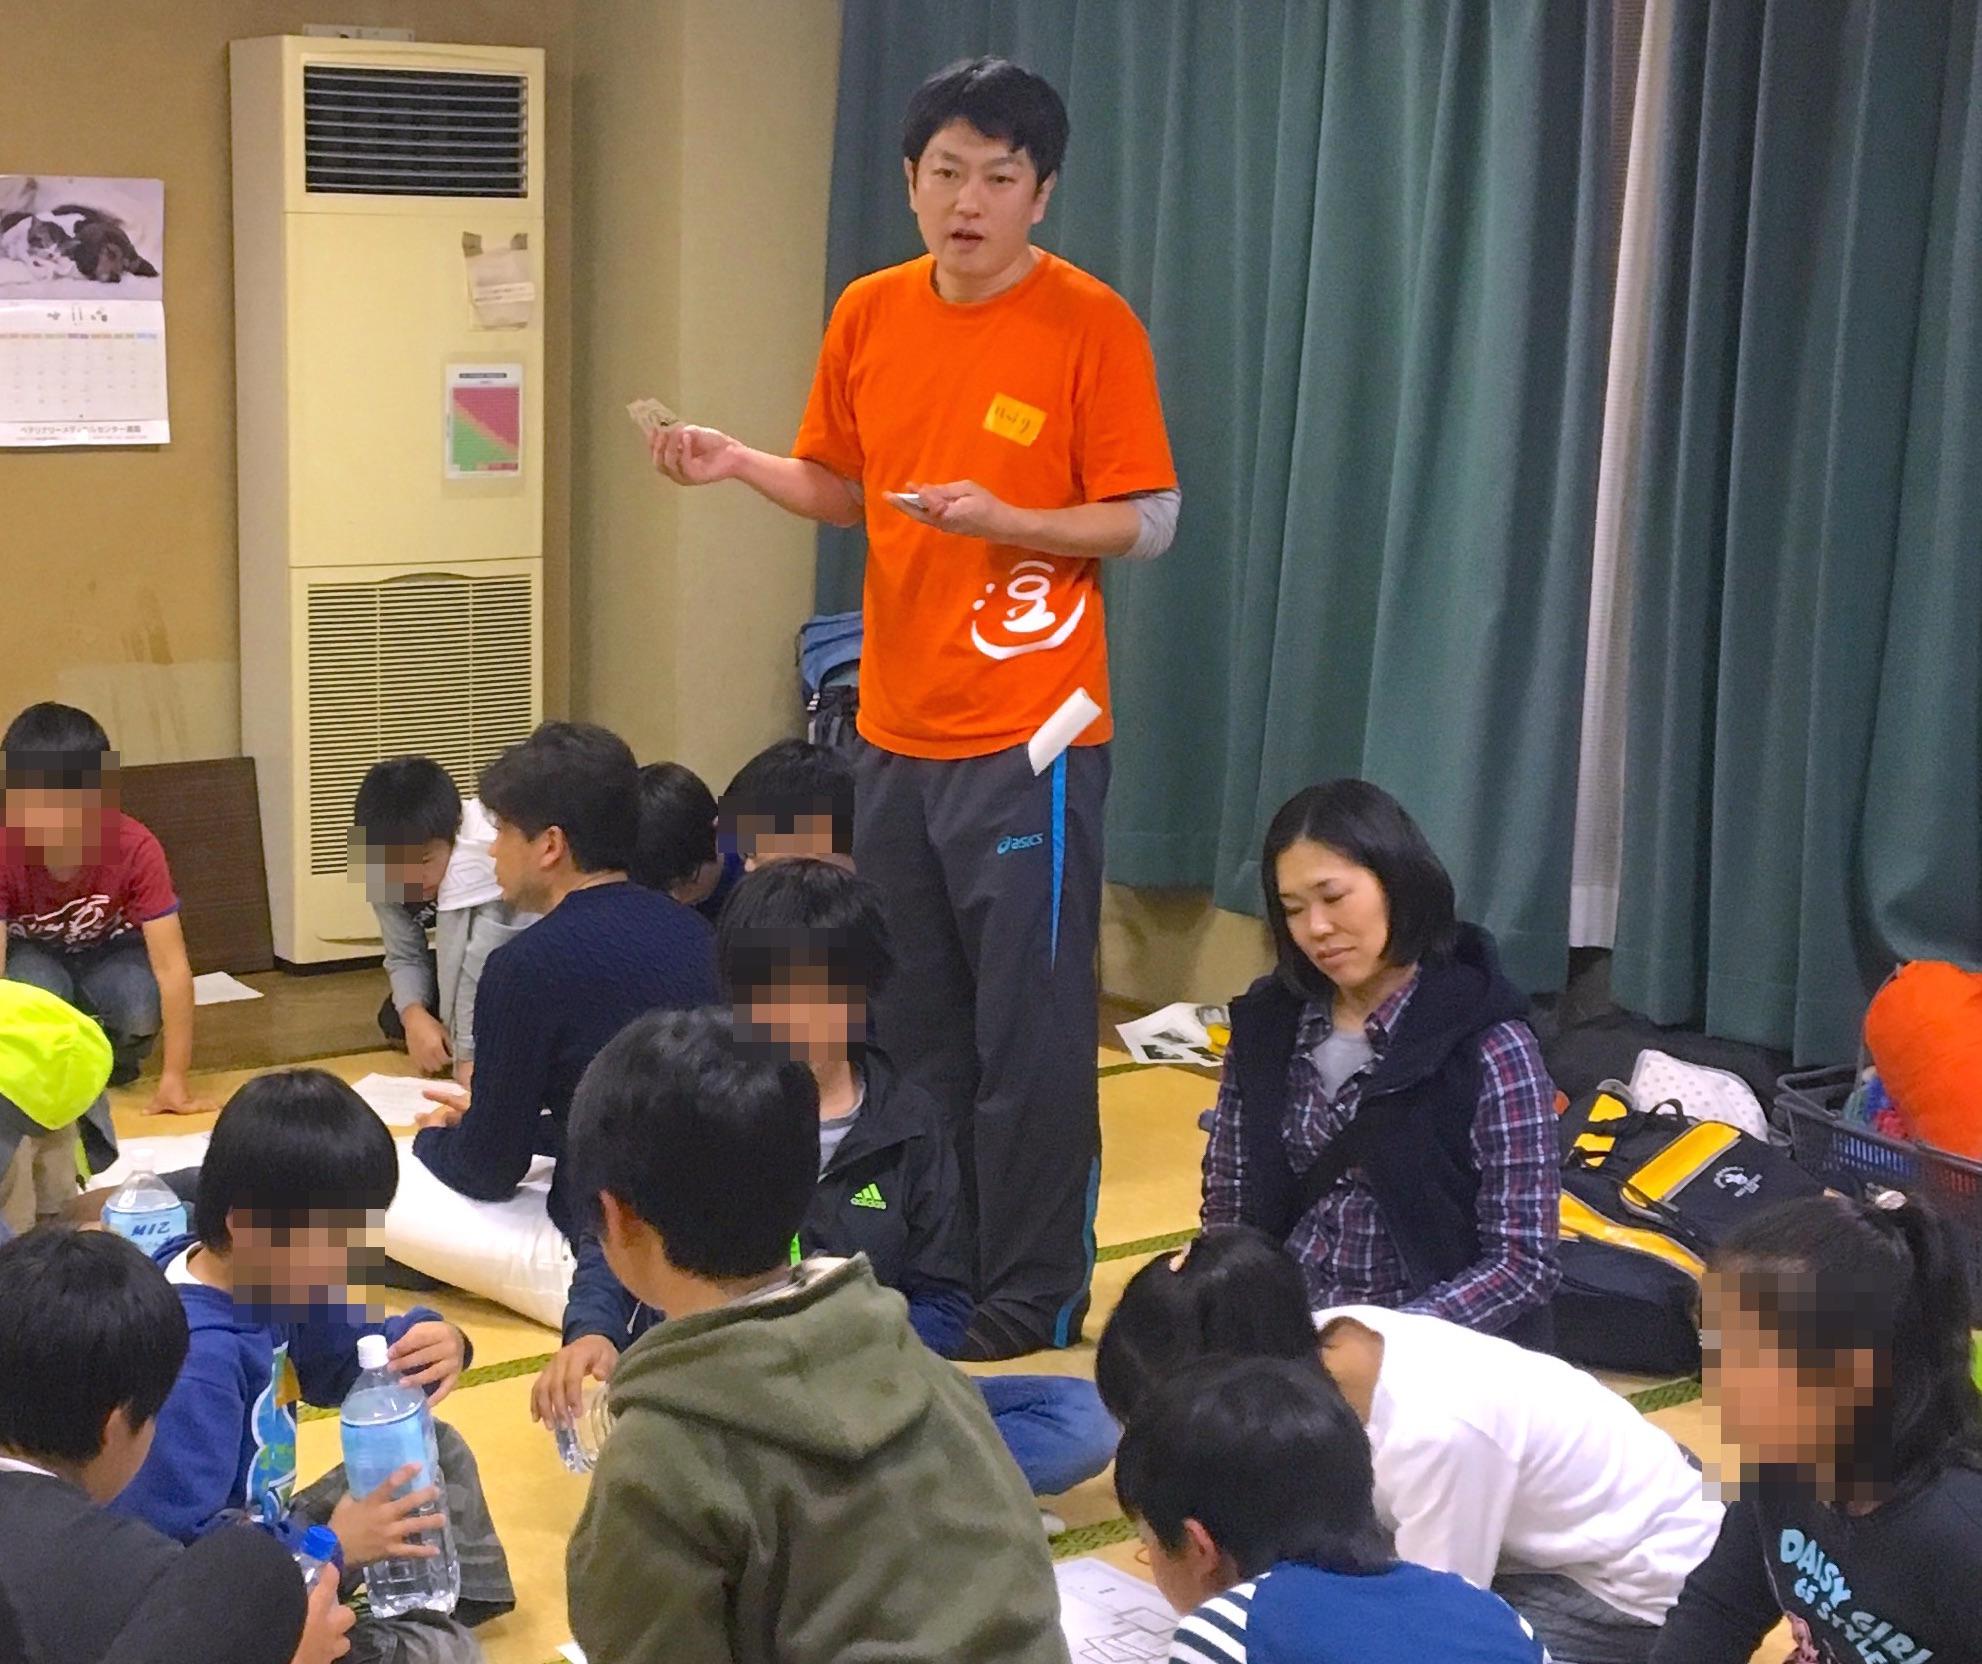 こども防災キャンプ@小坪コミュニティセンターはガチなプログラムでした